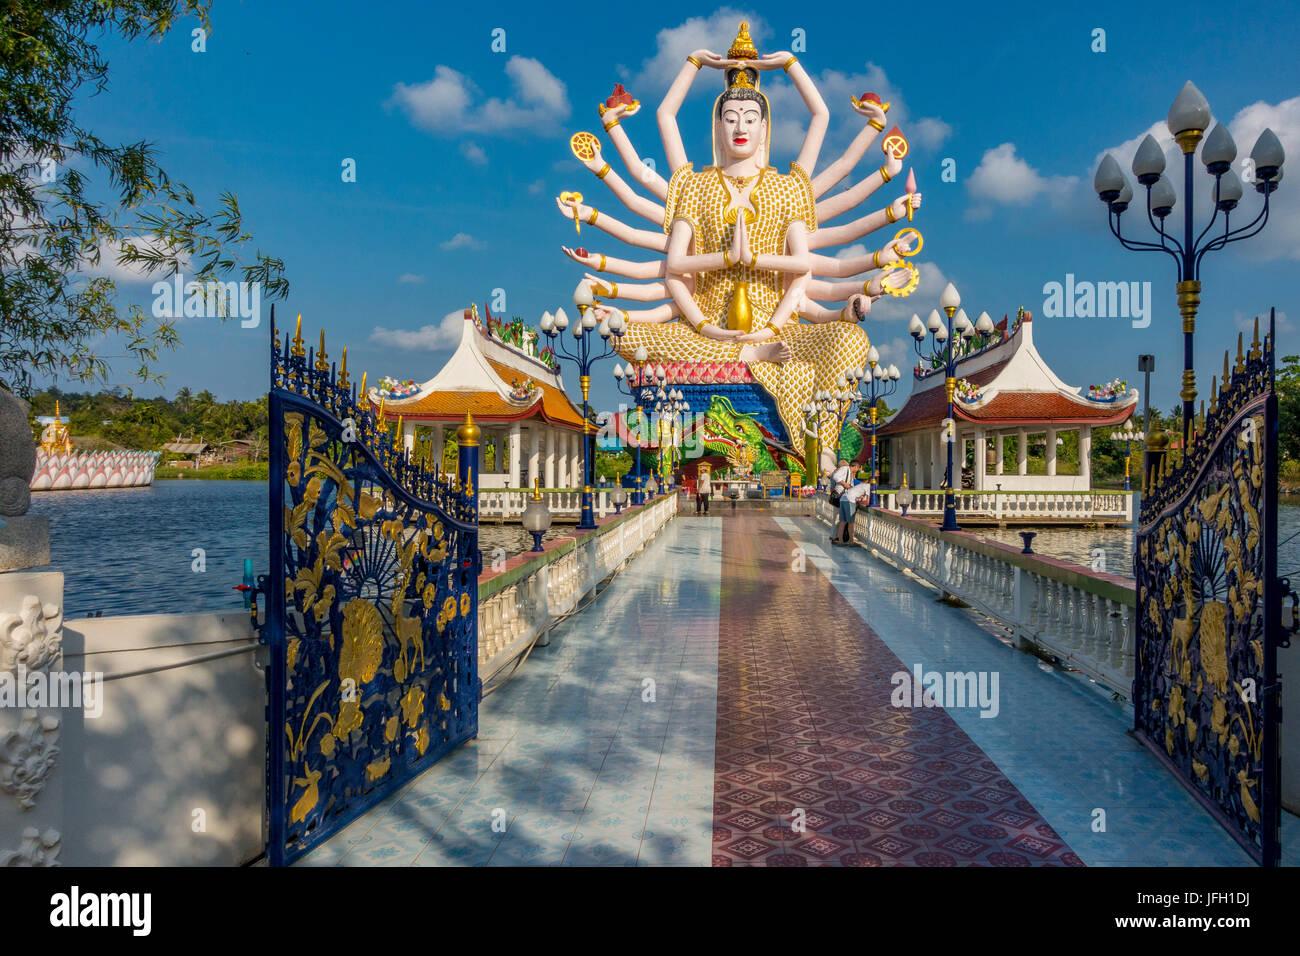 God Lao Suwannaram temple in Ban Bo Phut, Ko Samui island, Thailand, Asia Stock Photo